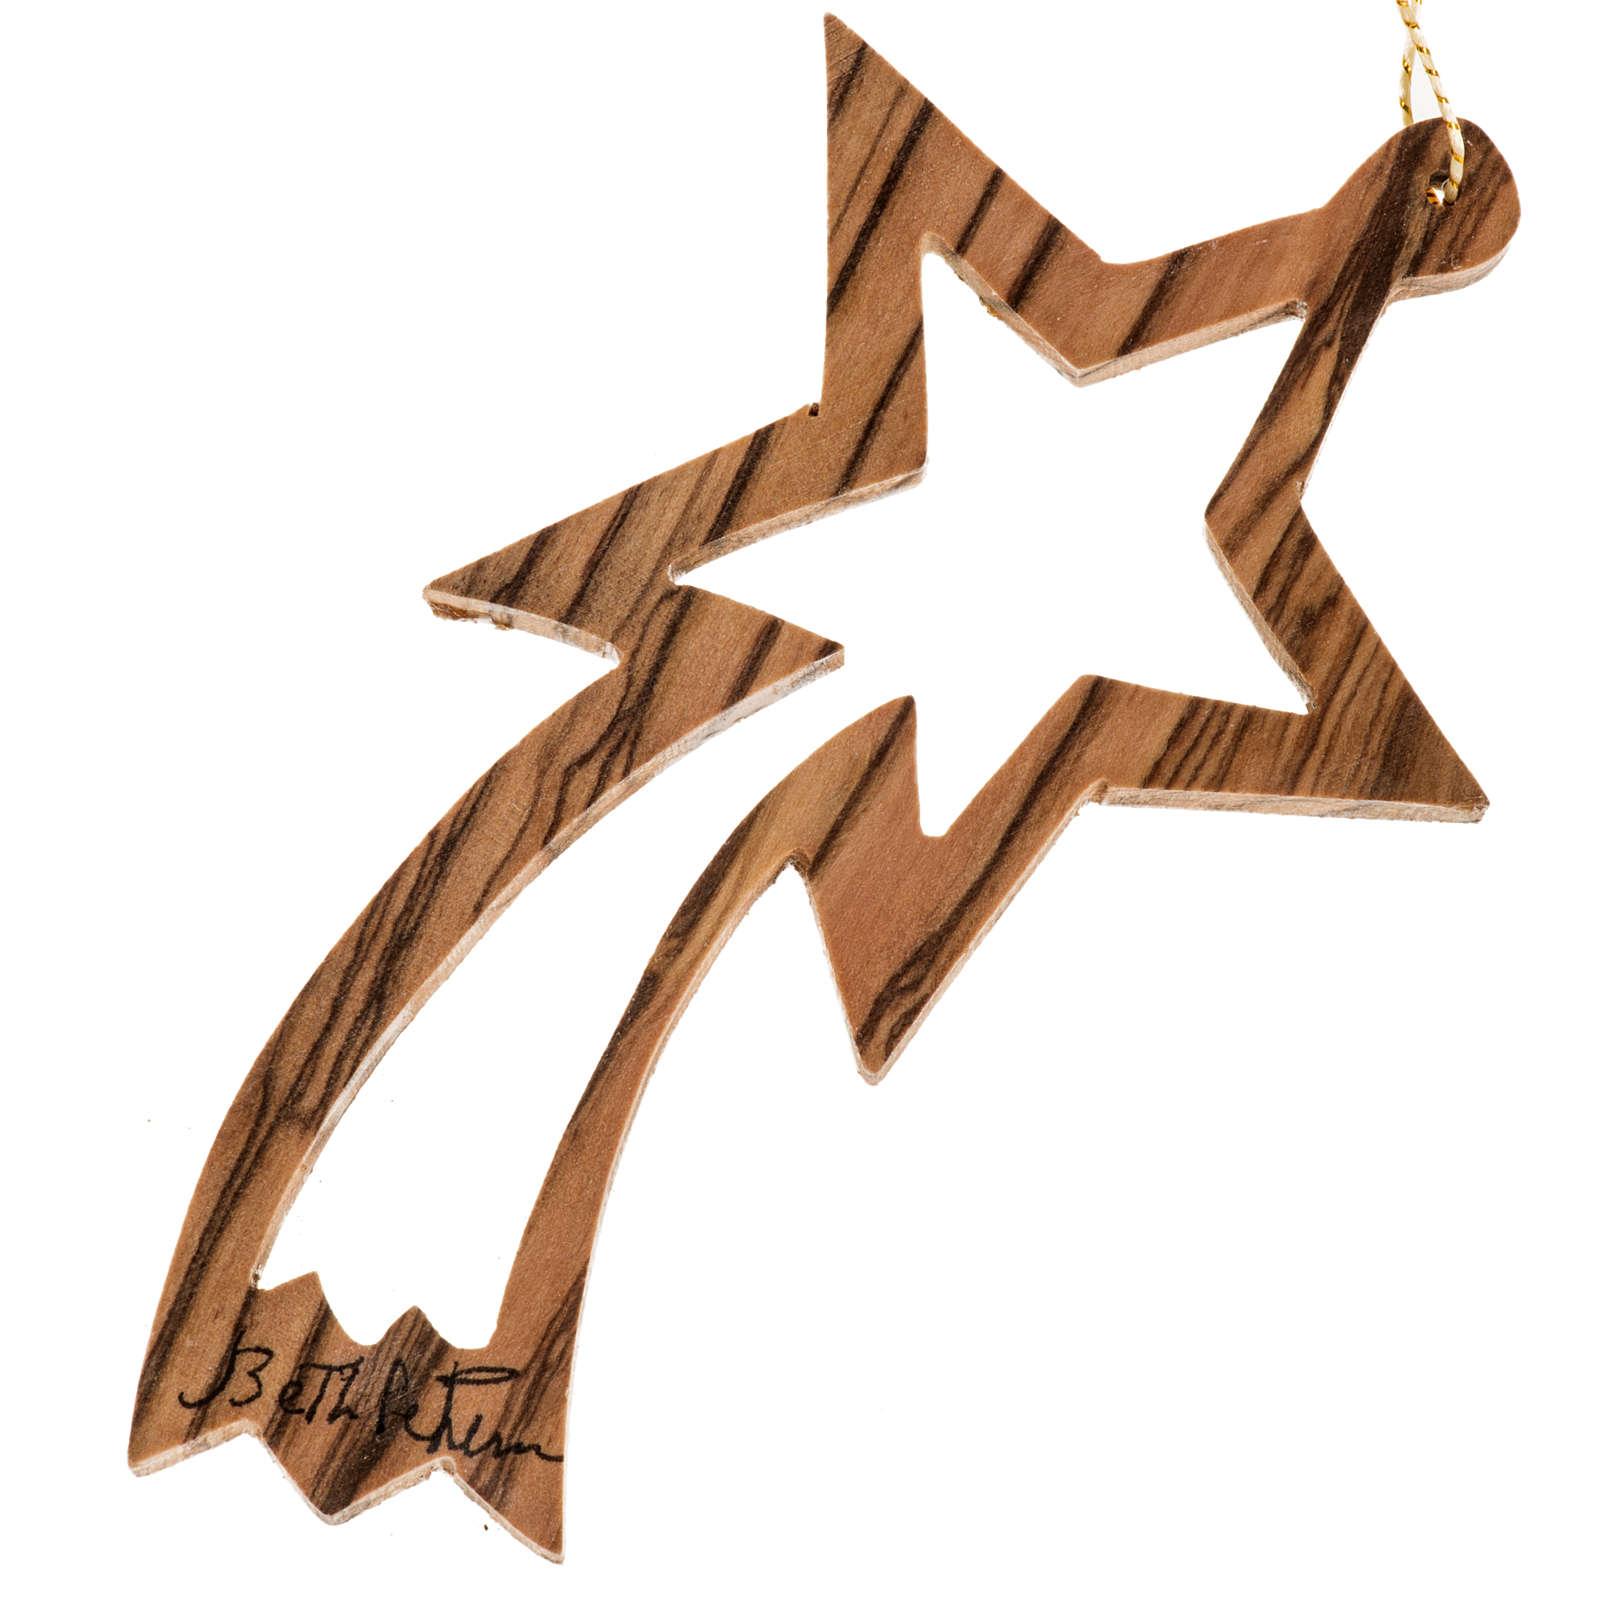 Addobbo albero legno ulivo Terrasanta stella cometa intagliata 4